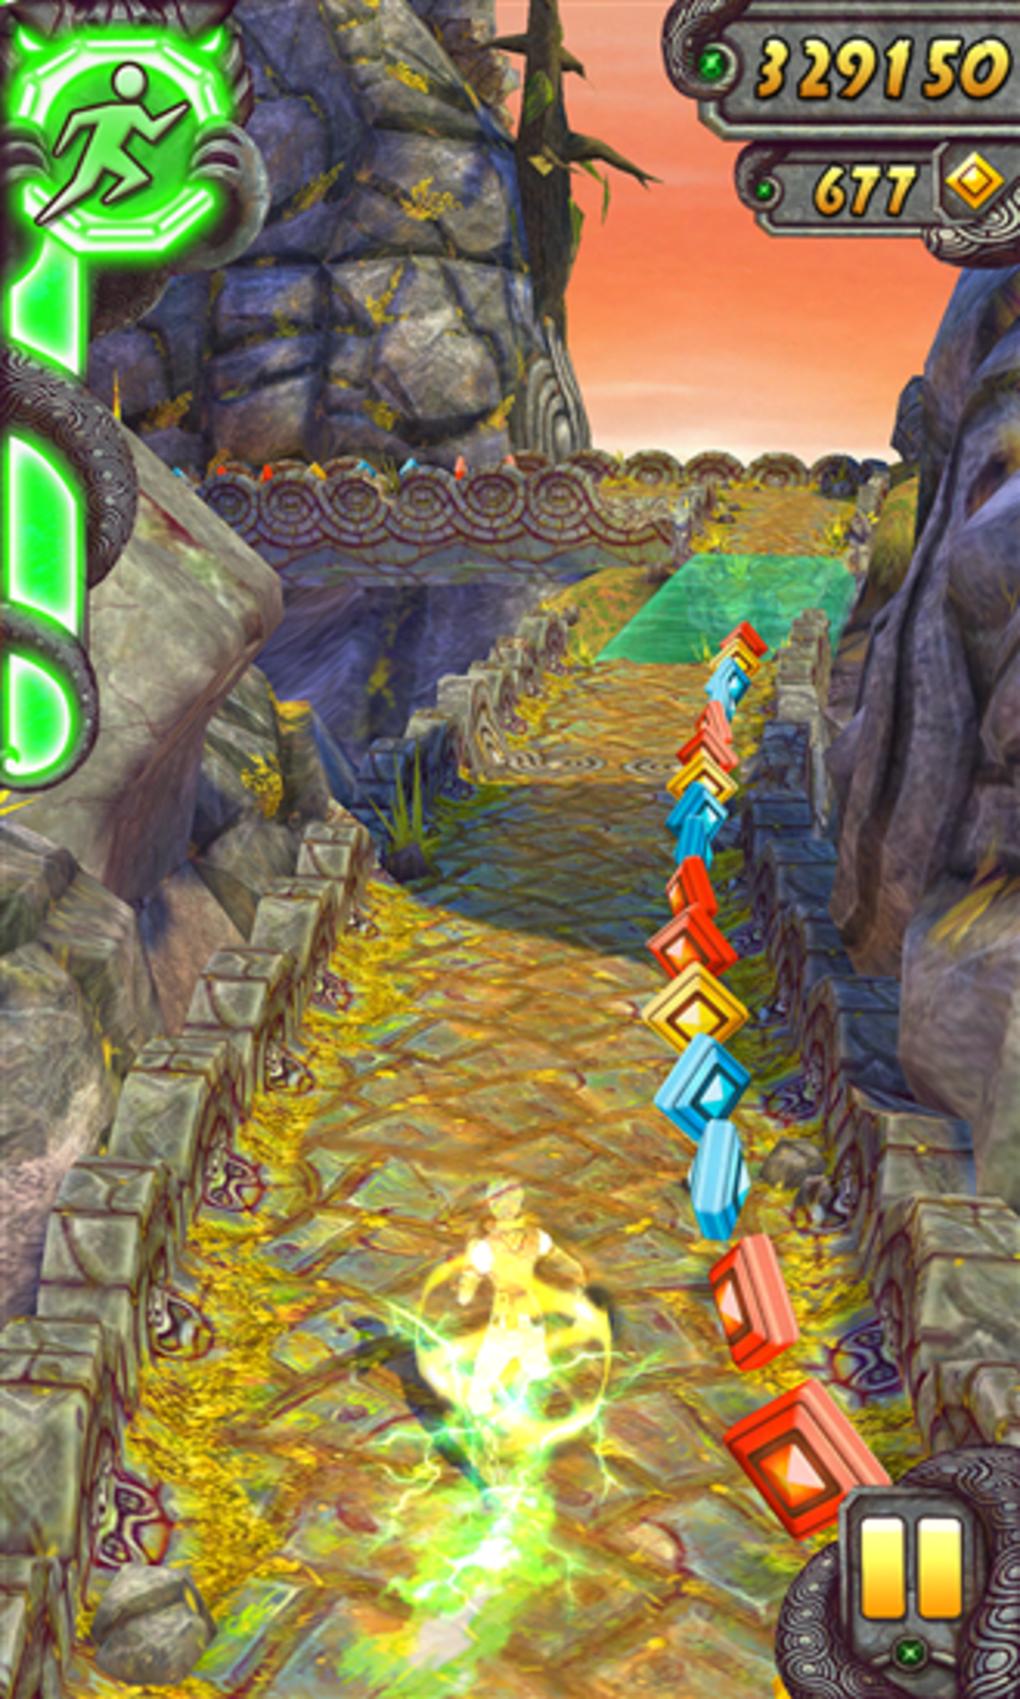 gioco temple run 2 gratis